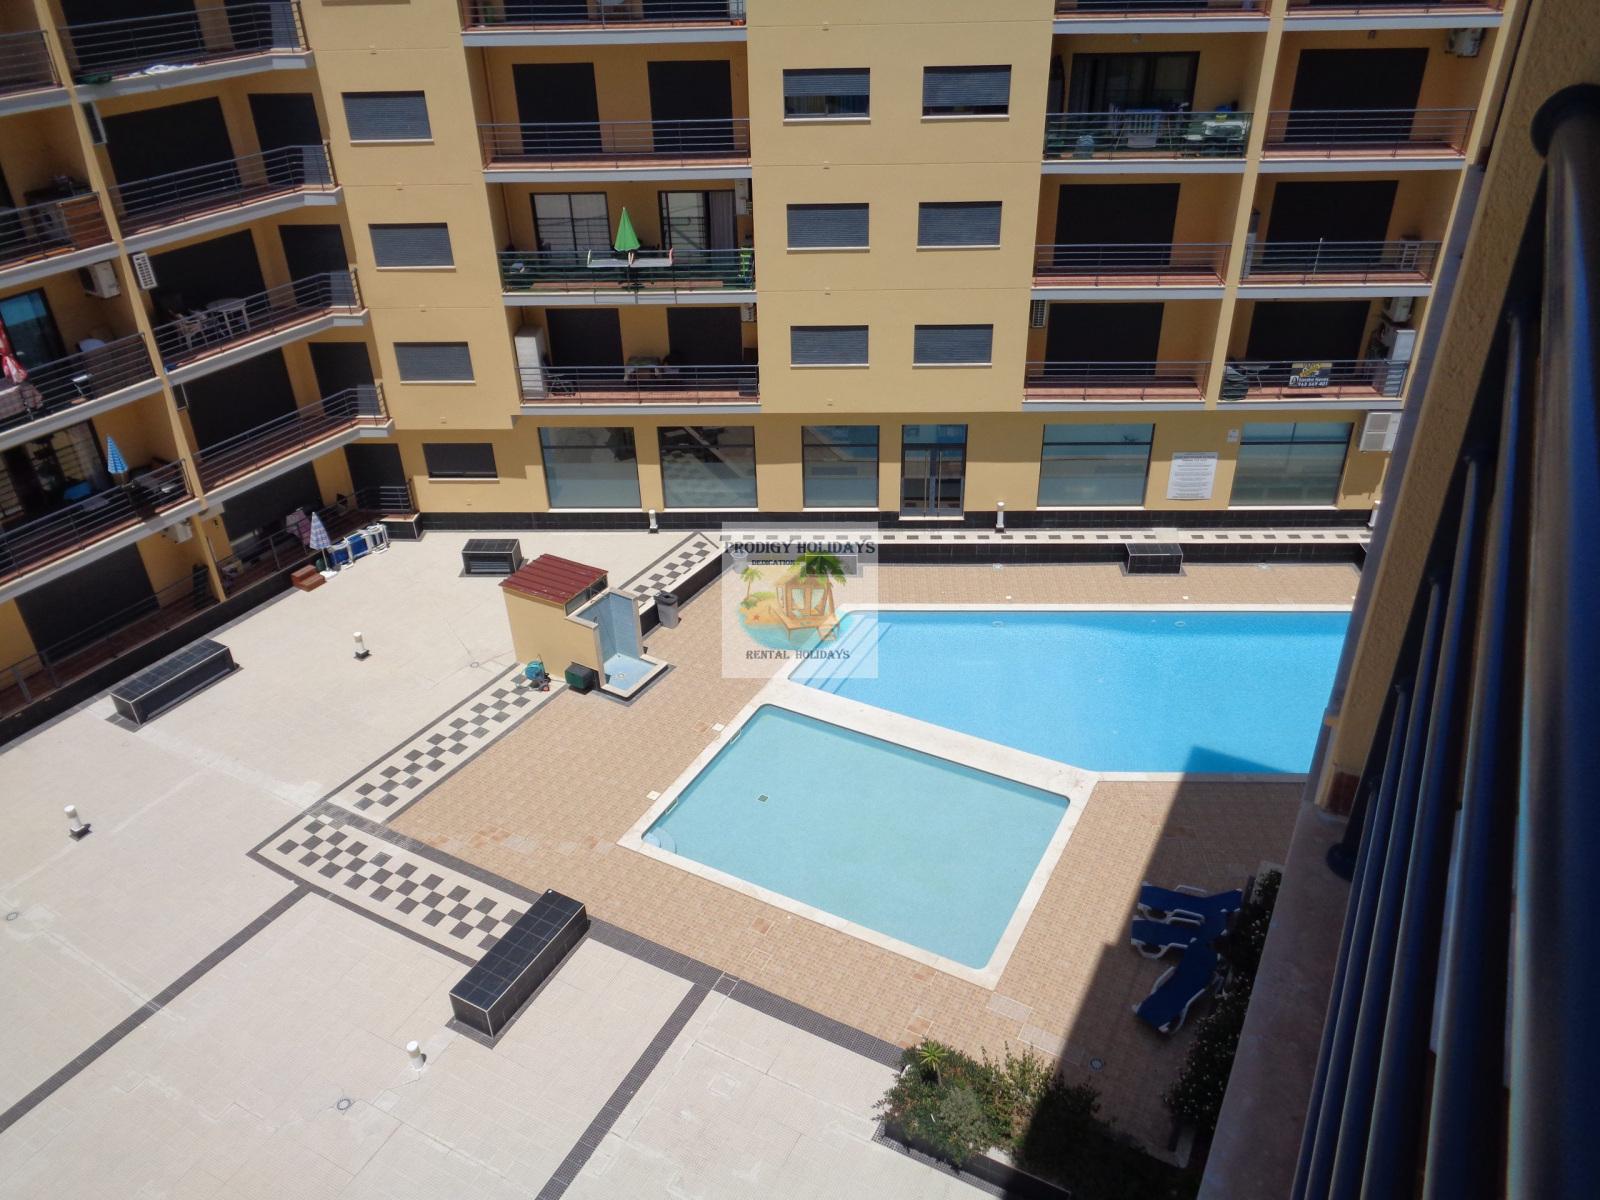 imagens-apartamentos-97-scaled